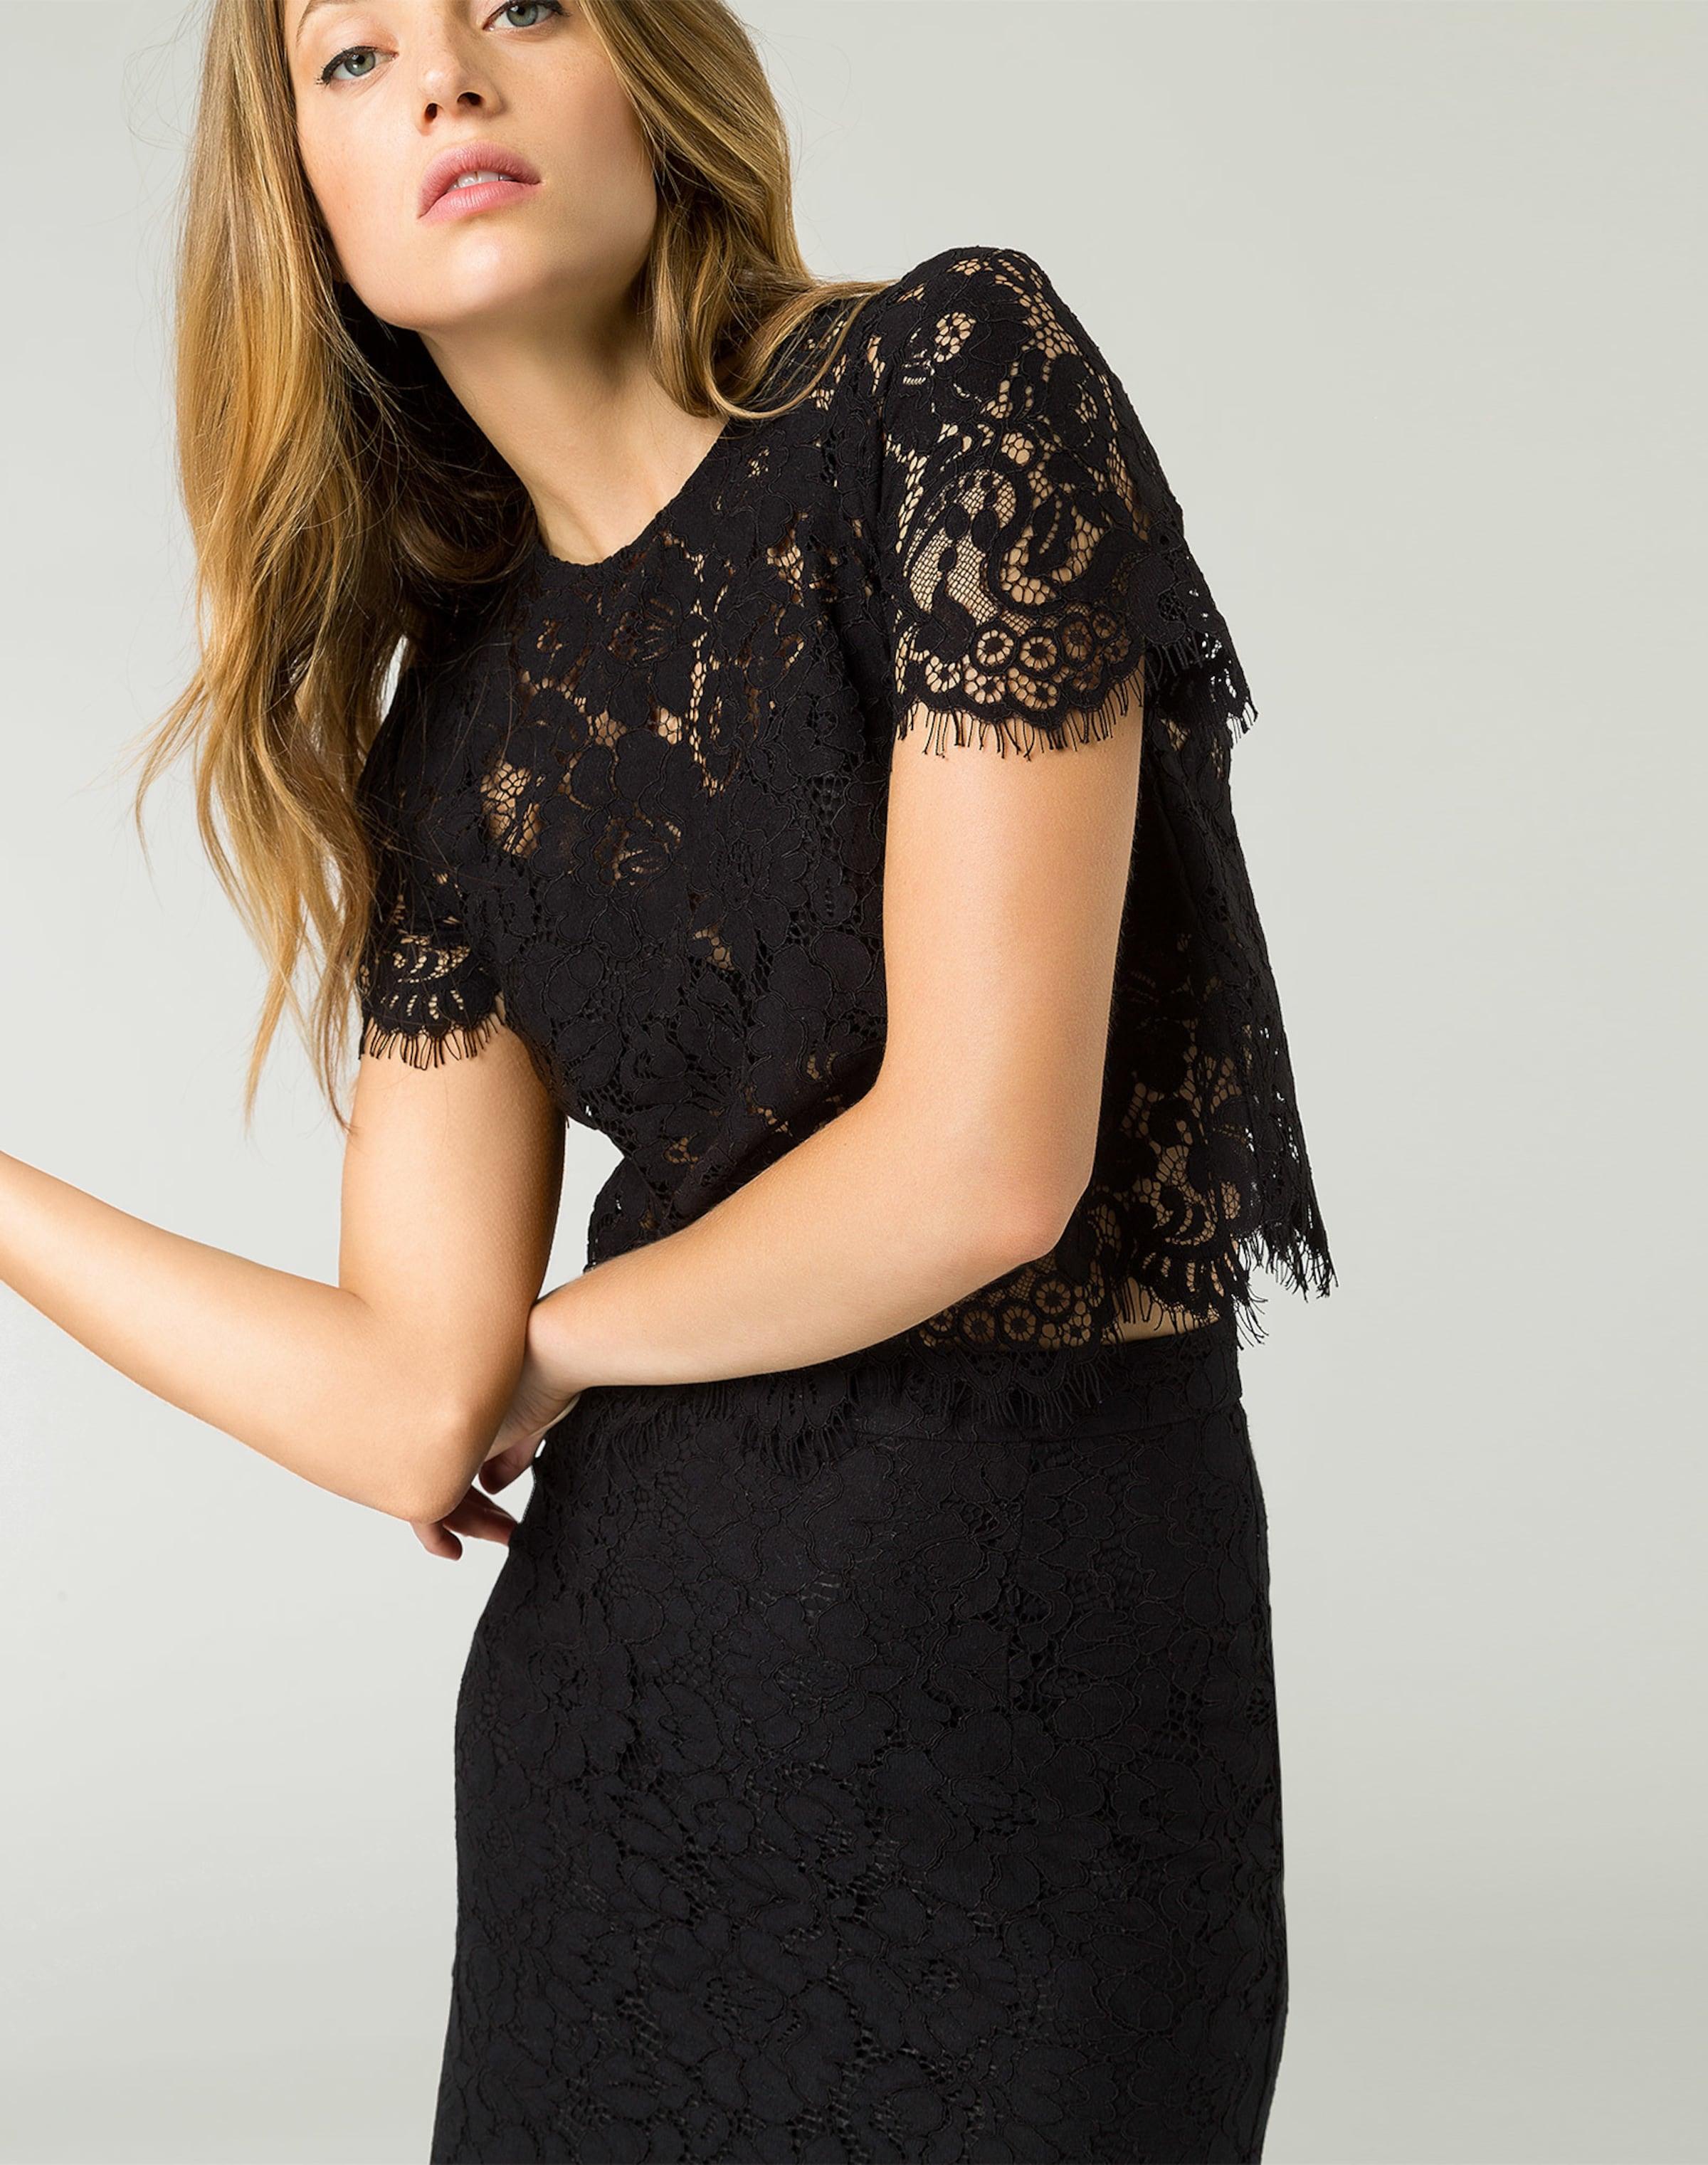 Günstig Kaufen Websites Brandneue Unisex Online IVY & OAK Top 'Boxy Lace Top' Verkauf Wahl Werksverkauf xSyN5TtwoS